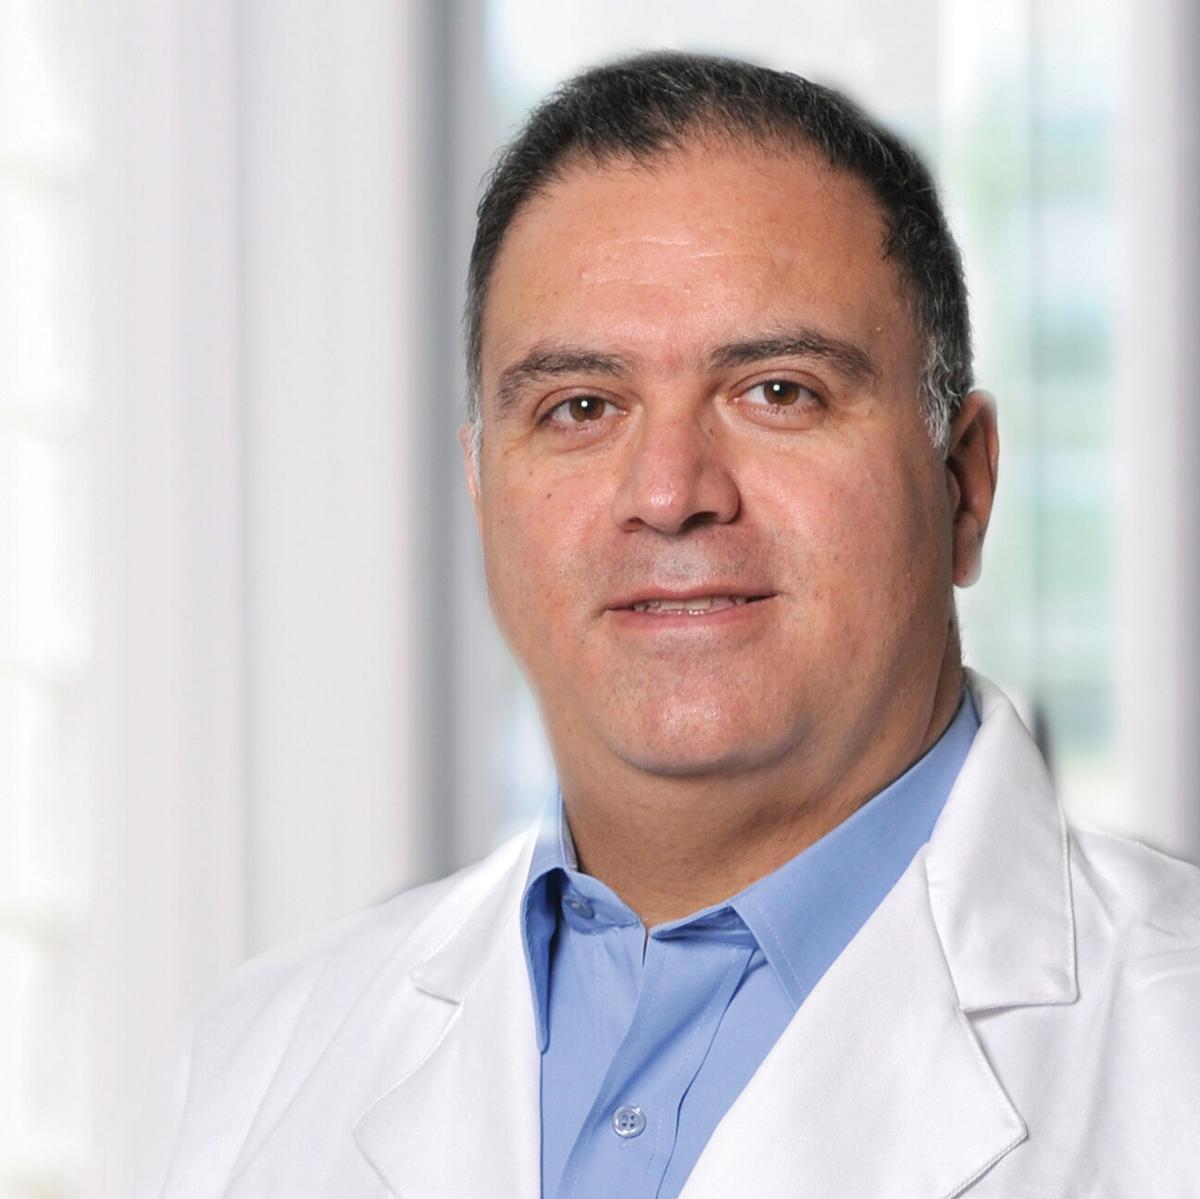 Souheil Khoukaz, MD